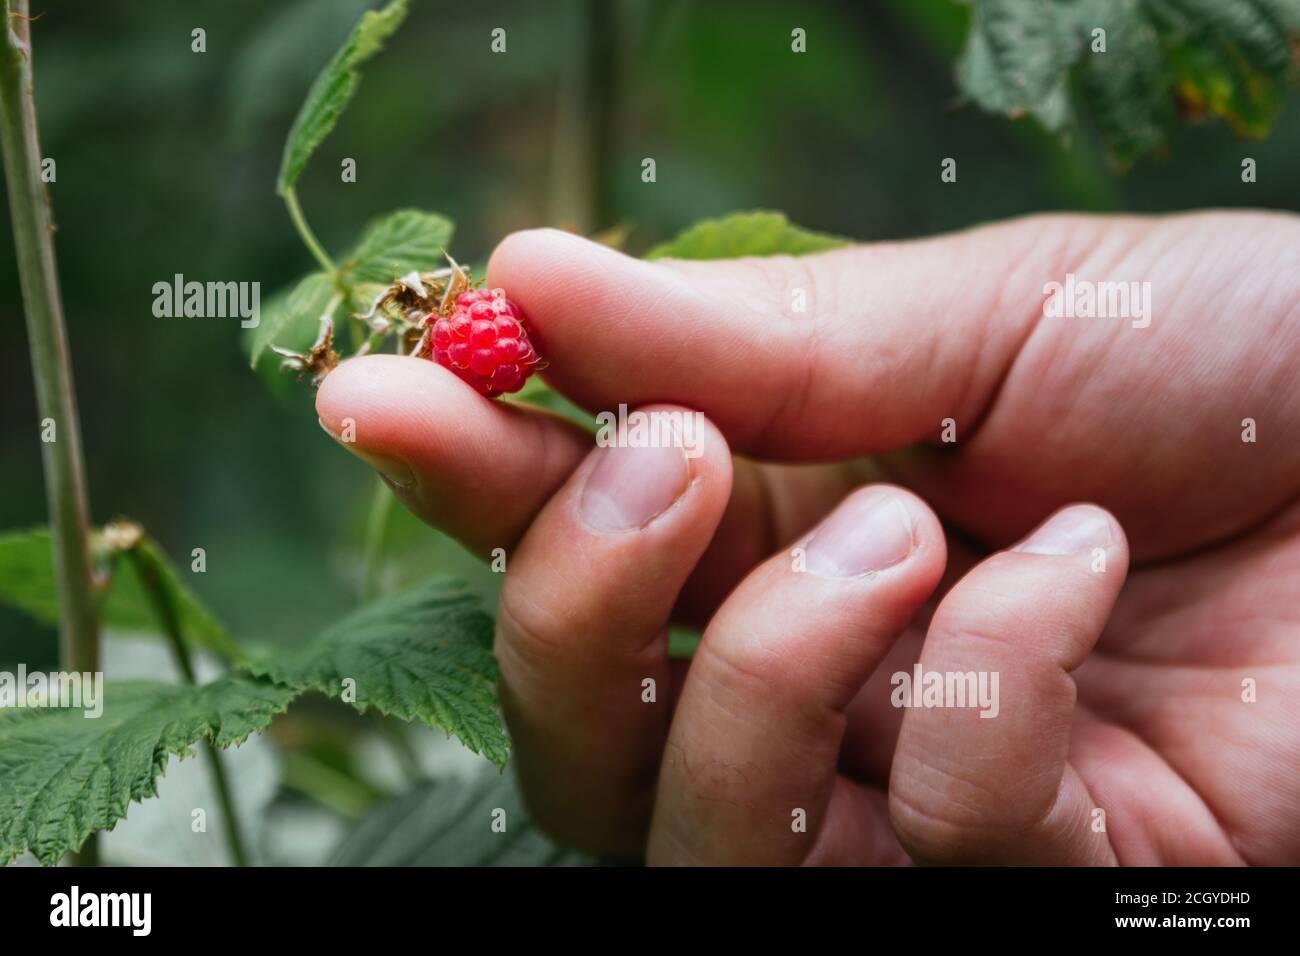 Foto de stock de una mano recogiendo frambuesas silvestres en el jardín Foto de stock